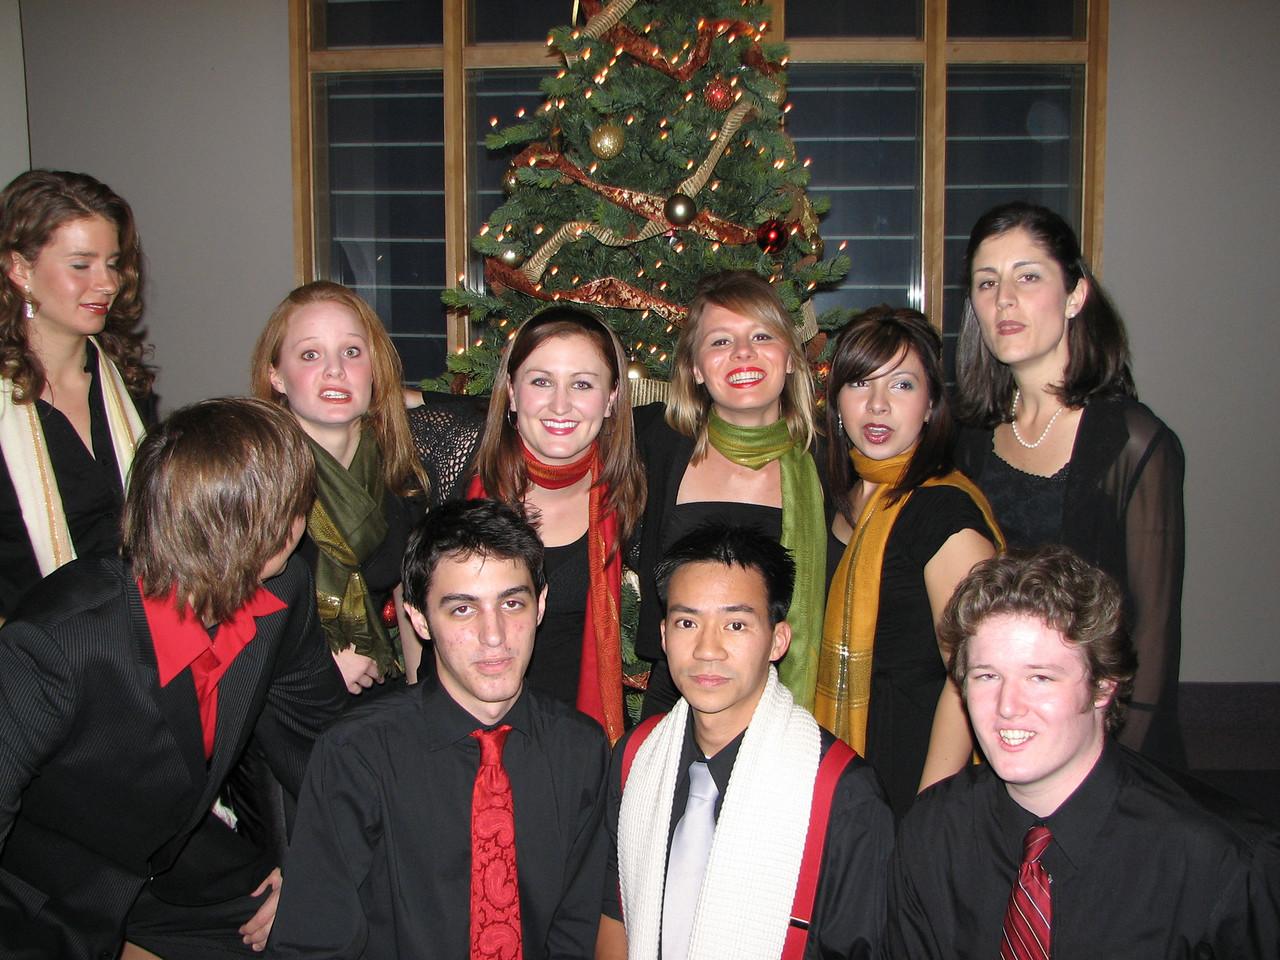 2006 12 09 Sat - Biola Vocal Jazz Ensemble 4 candid - Laura Coghlan, Heather Onken, Heidi Bargen, Charissa Noble, Jessi Vasquez, Shawna Stewart, Dan Rigall, Trevor Gomes, Ben Yu, & Jordan Johnson